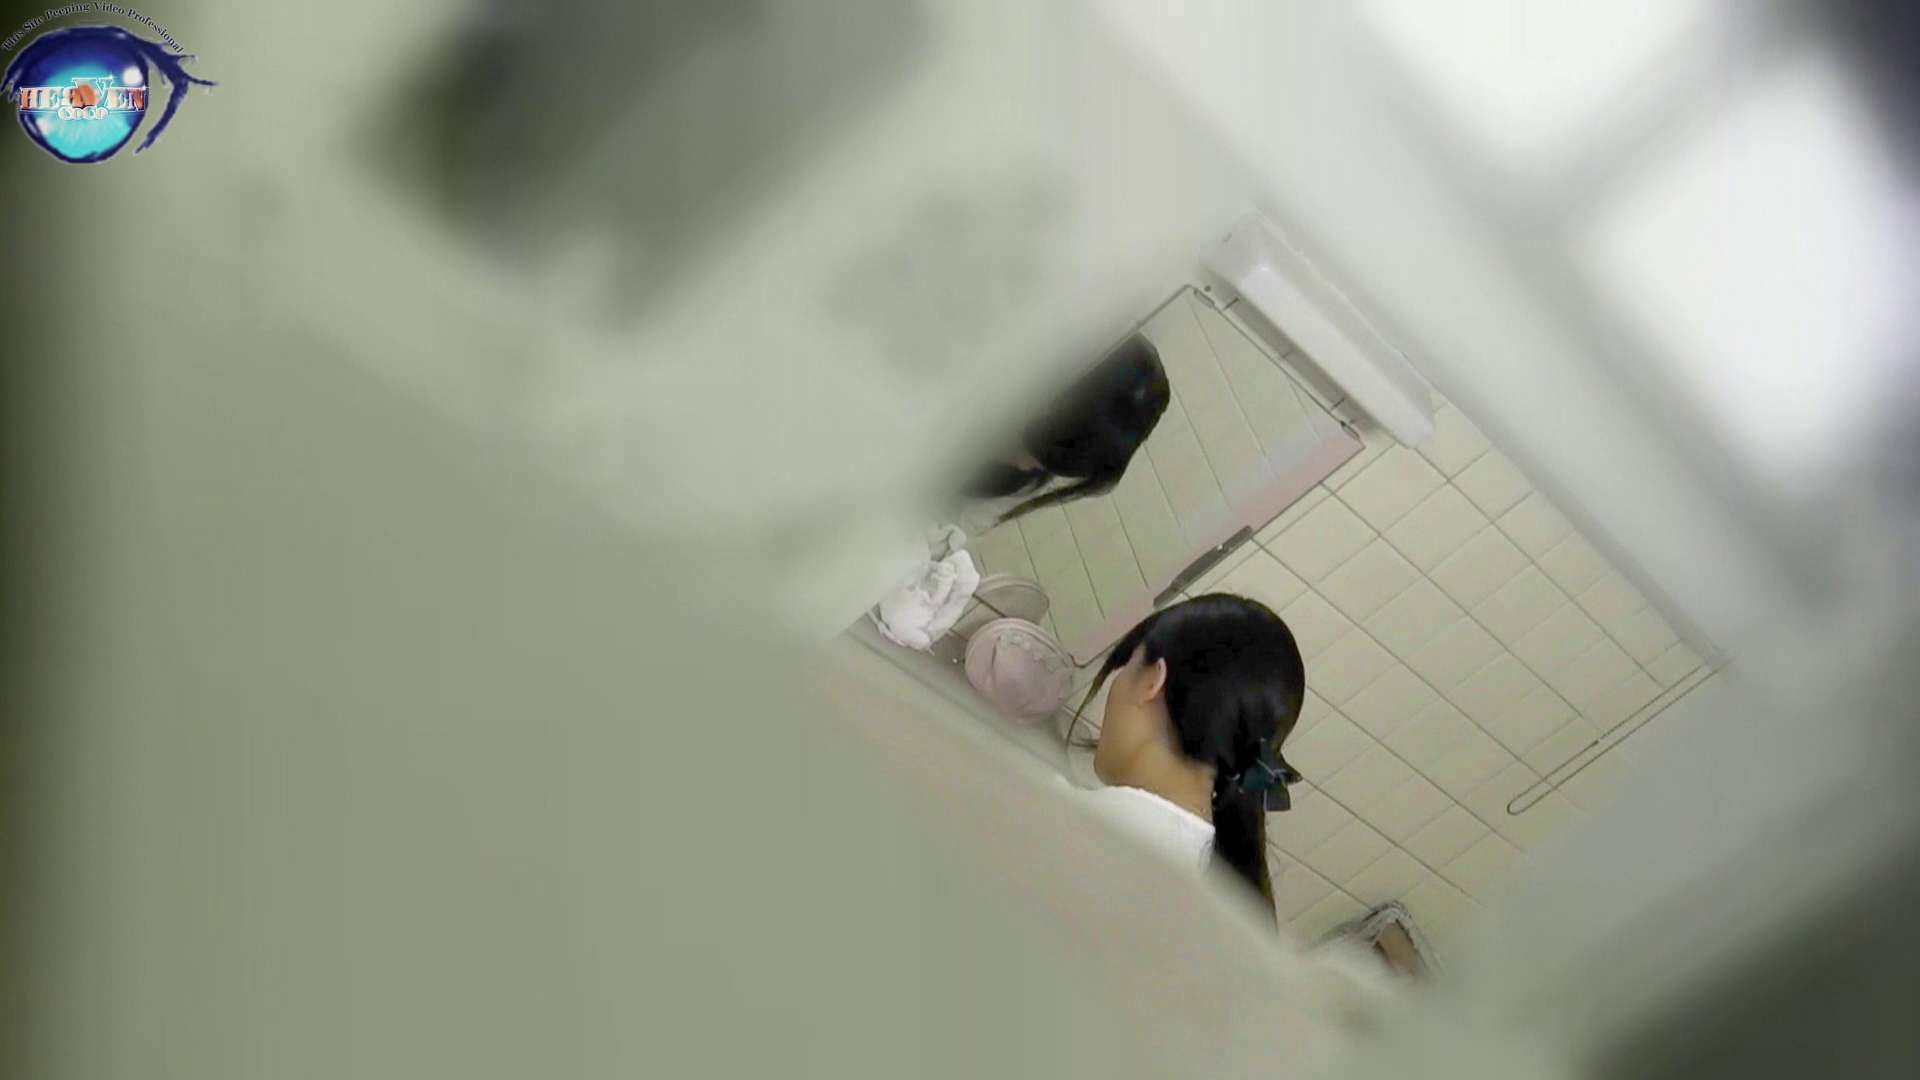 洗面所突入レポート!!お銀 vol.67 新たな場所への挑戦が始まる!!後編 OLのエロ生活  95連発 93